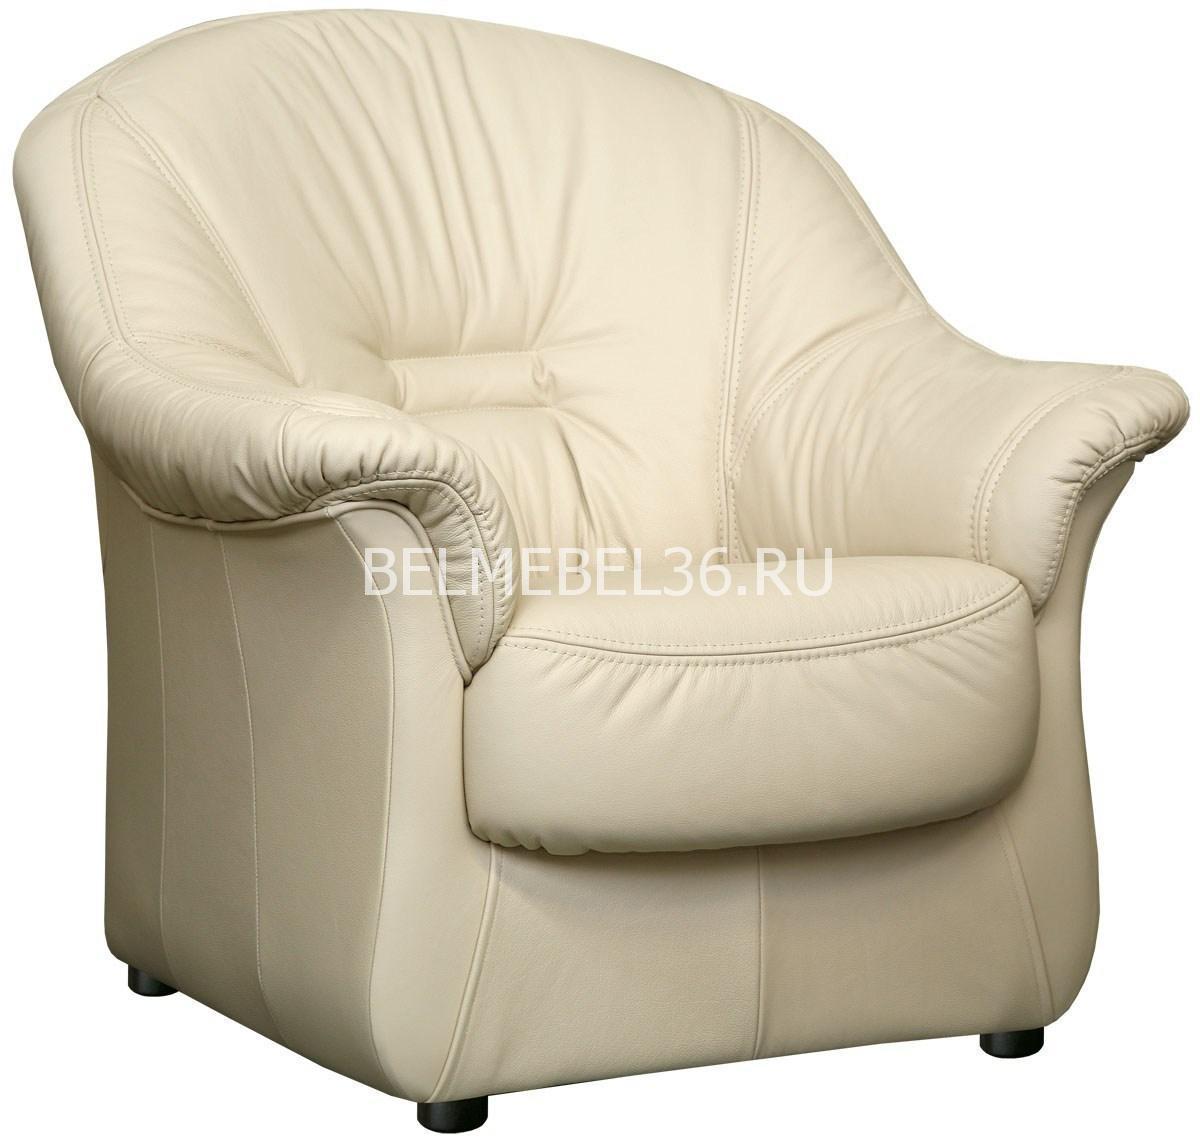 Кресло Омега (12) П-Д057 | Белорусская мебель в Воронеже